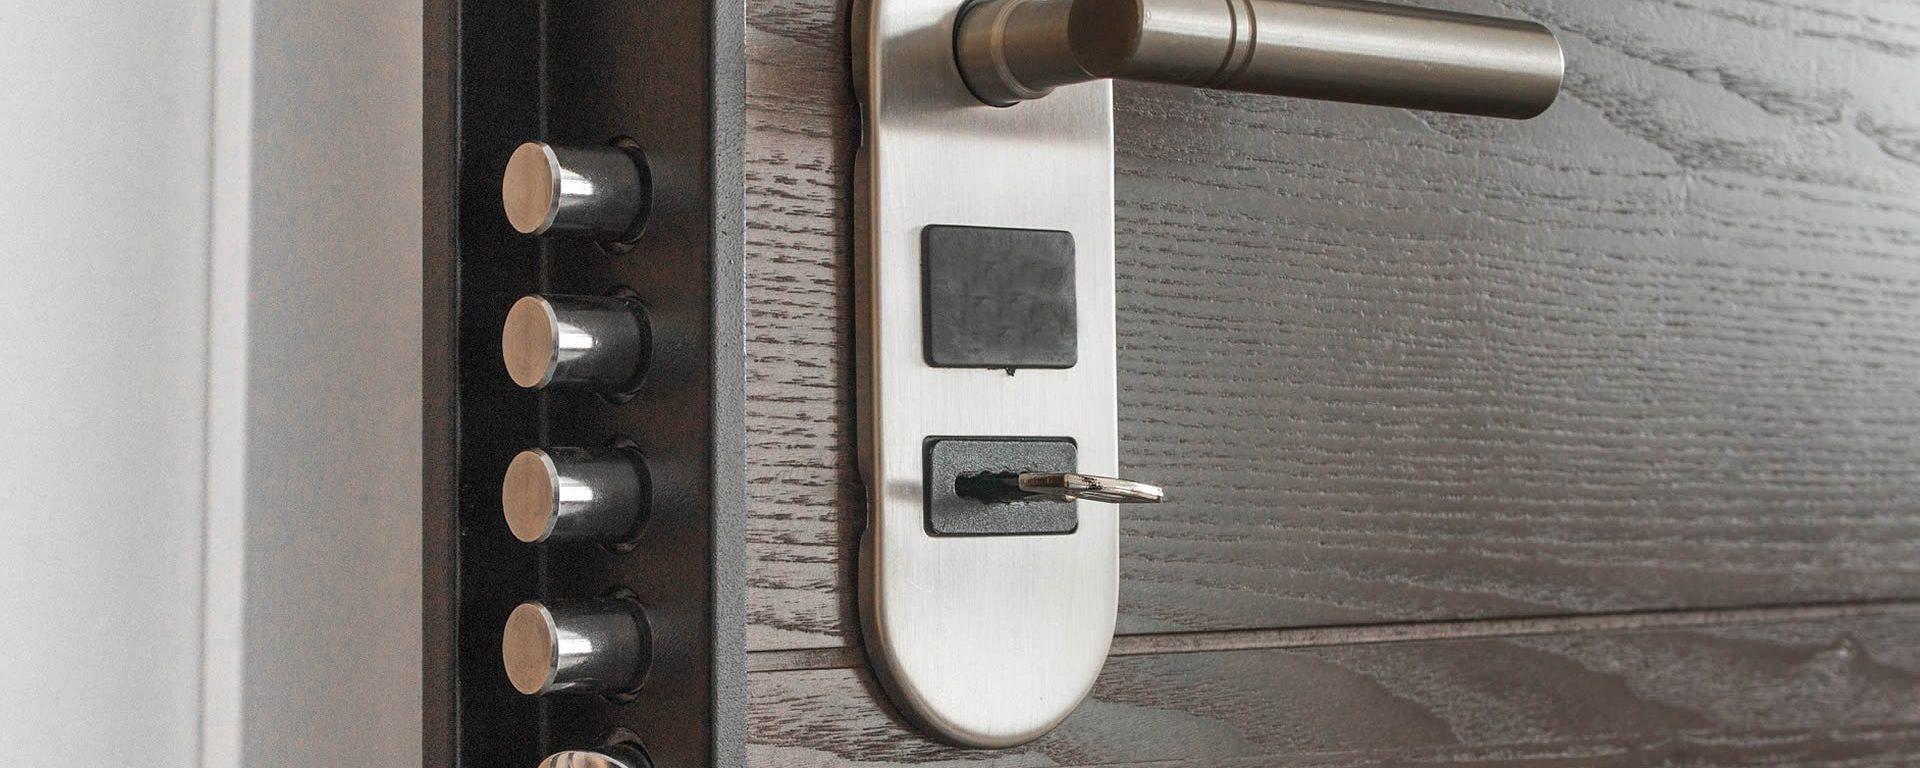 sostituire serratura cilindro europeo